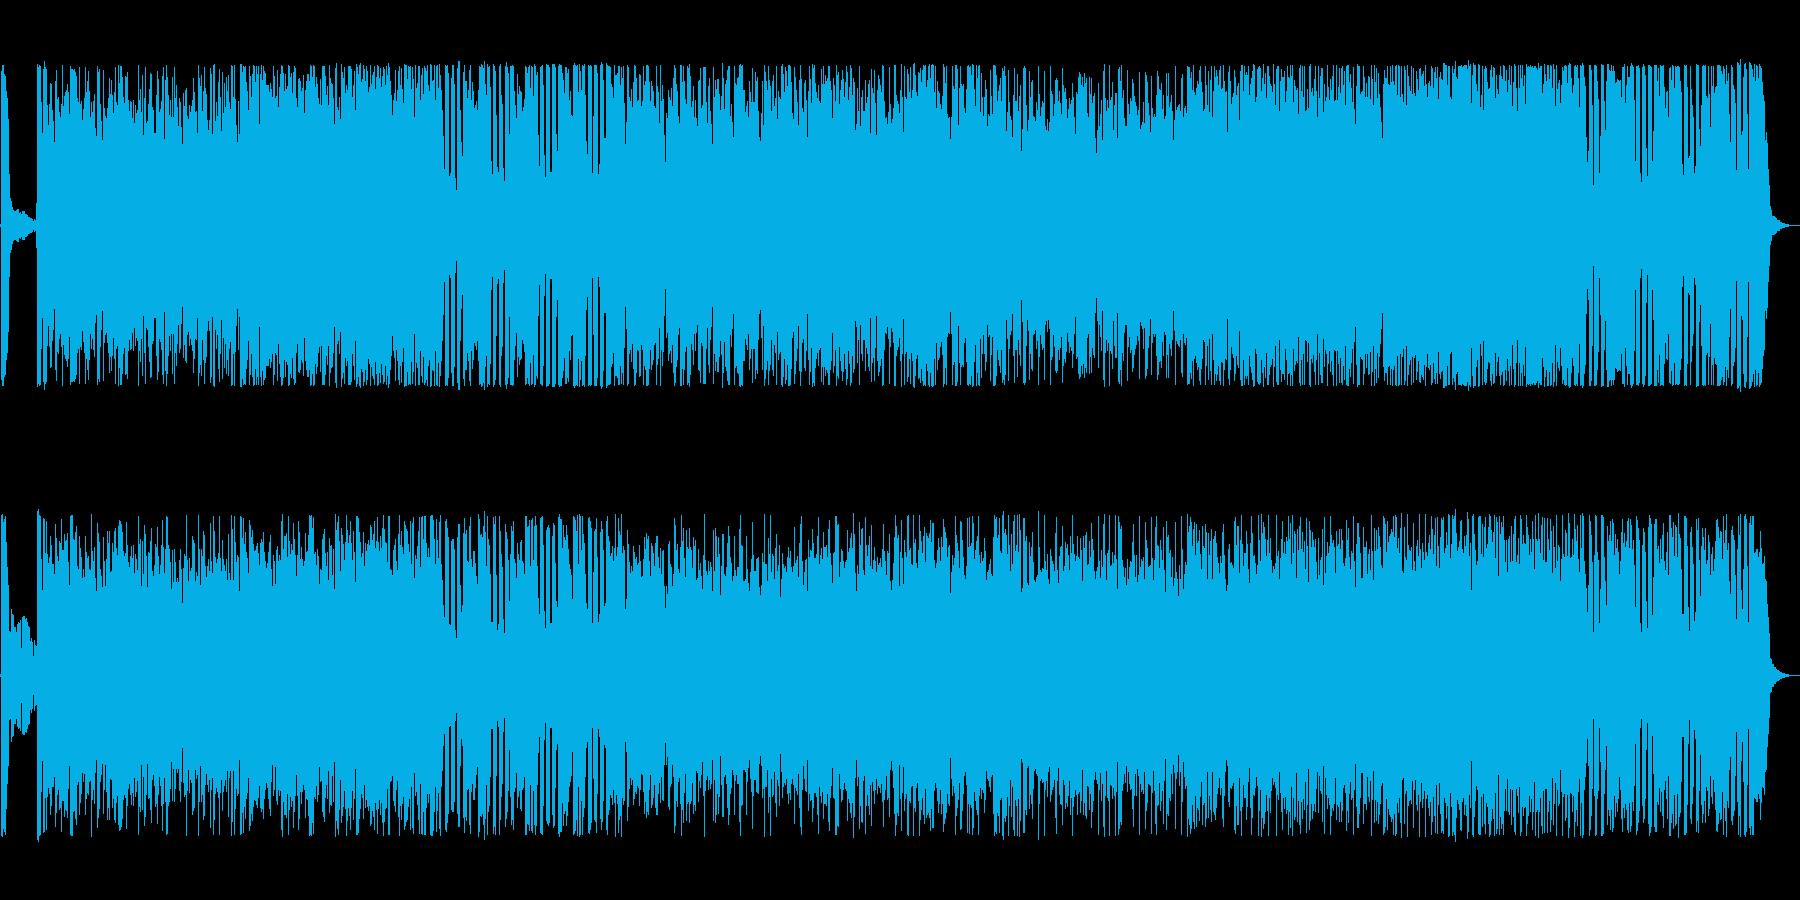 スピード感あり!パワフルなハードロックの再生済みの波形